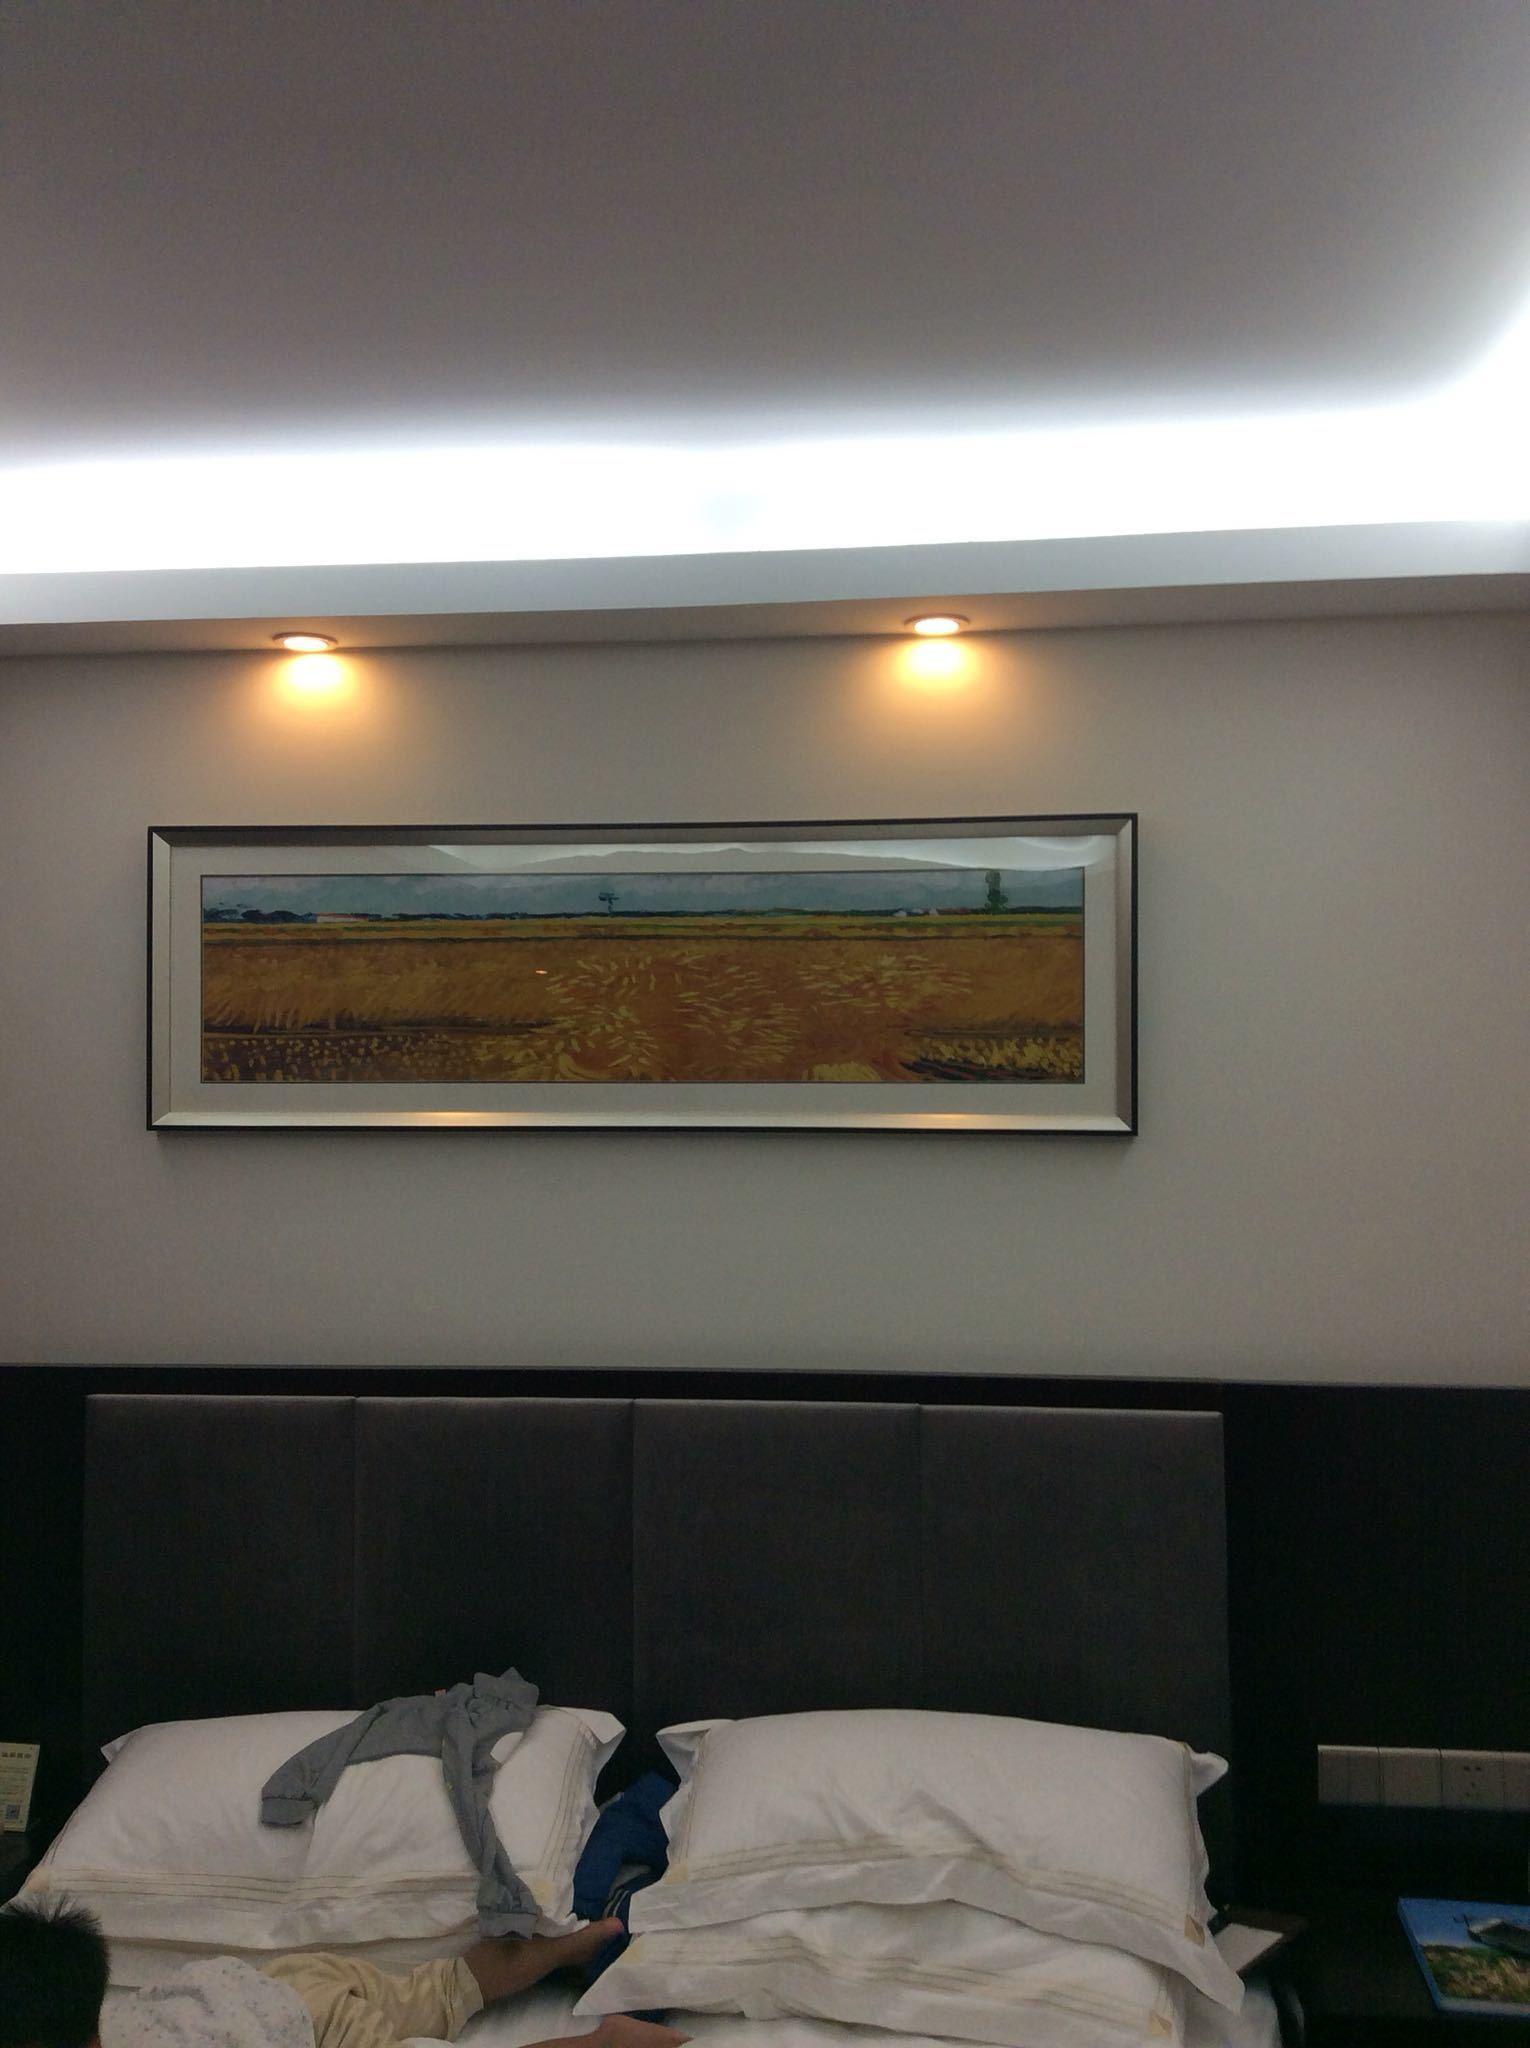 武隆七色花园v酒店酒店经典效果图豪华别墅图片